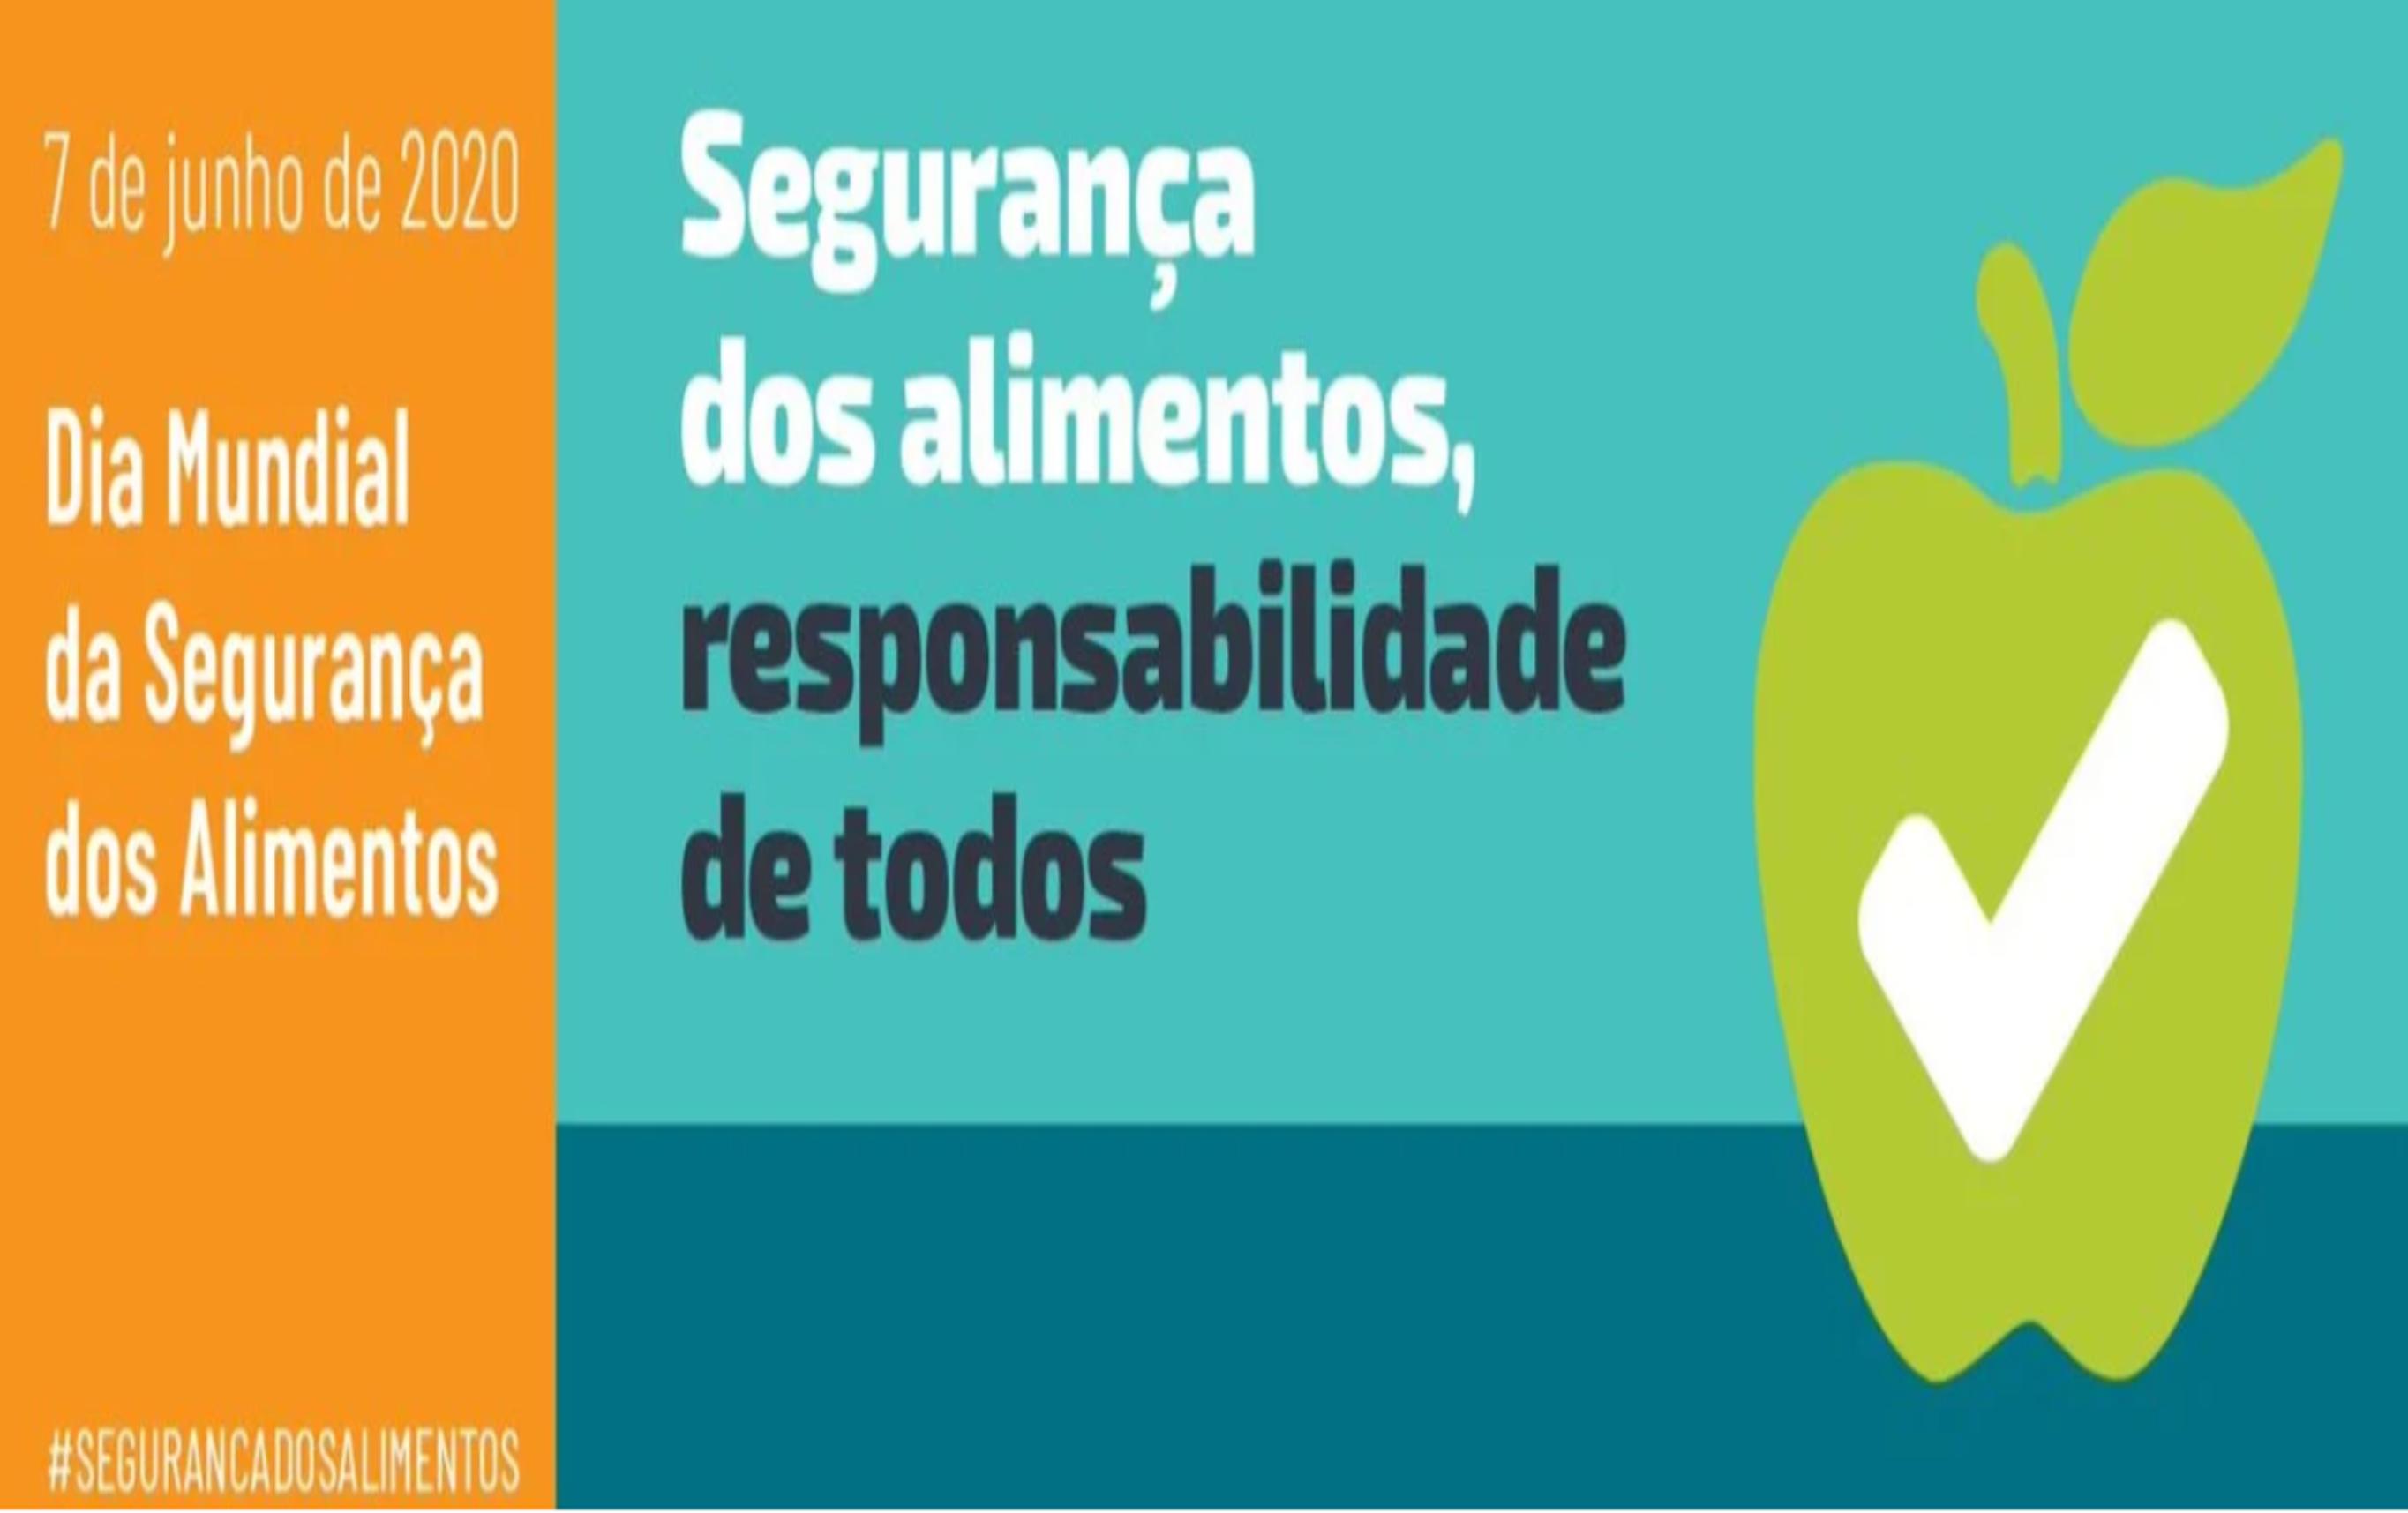 7 de Junho - Dia Mundial da Segurança dos Alimentos